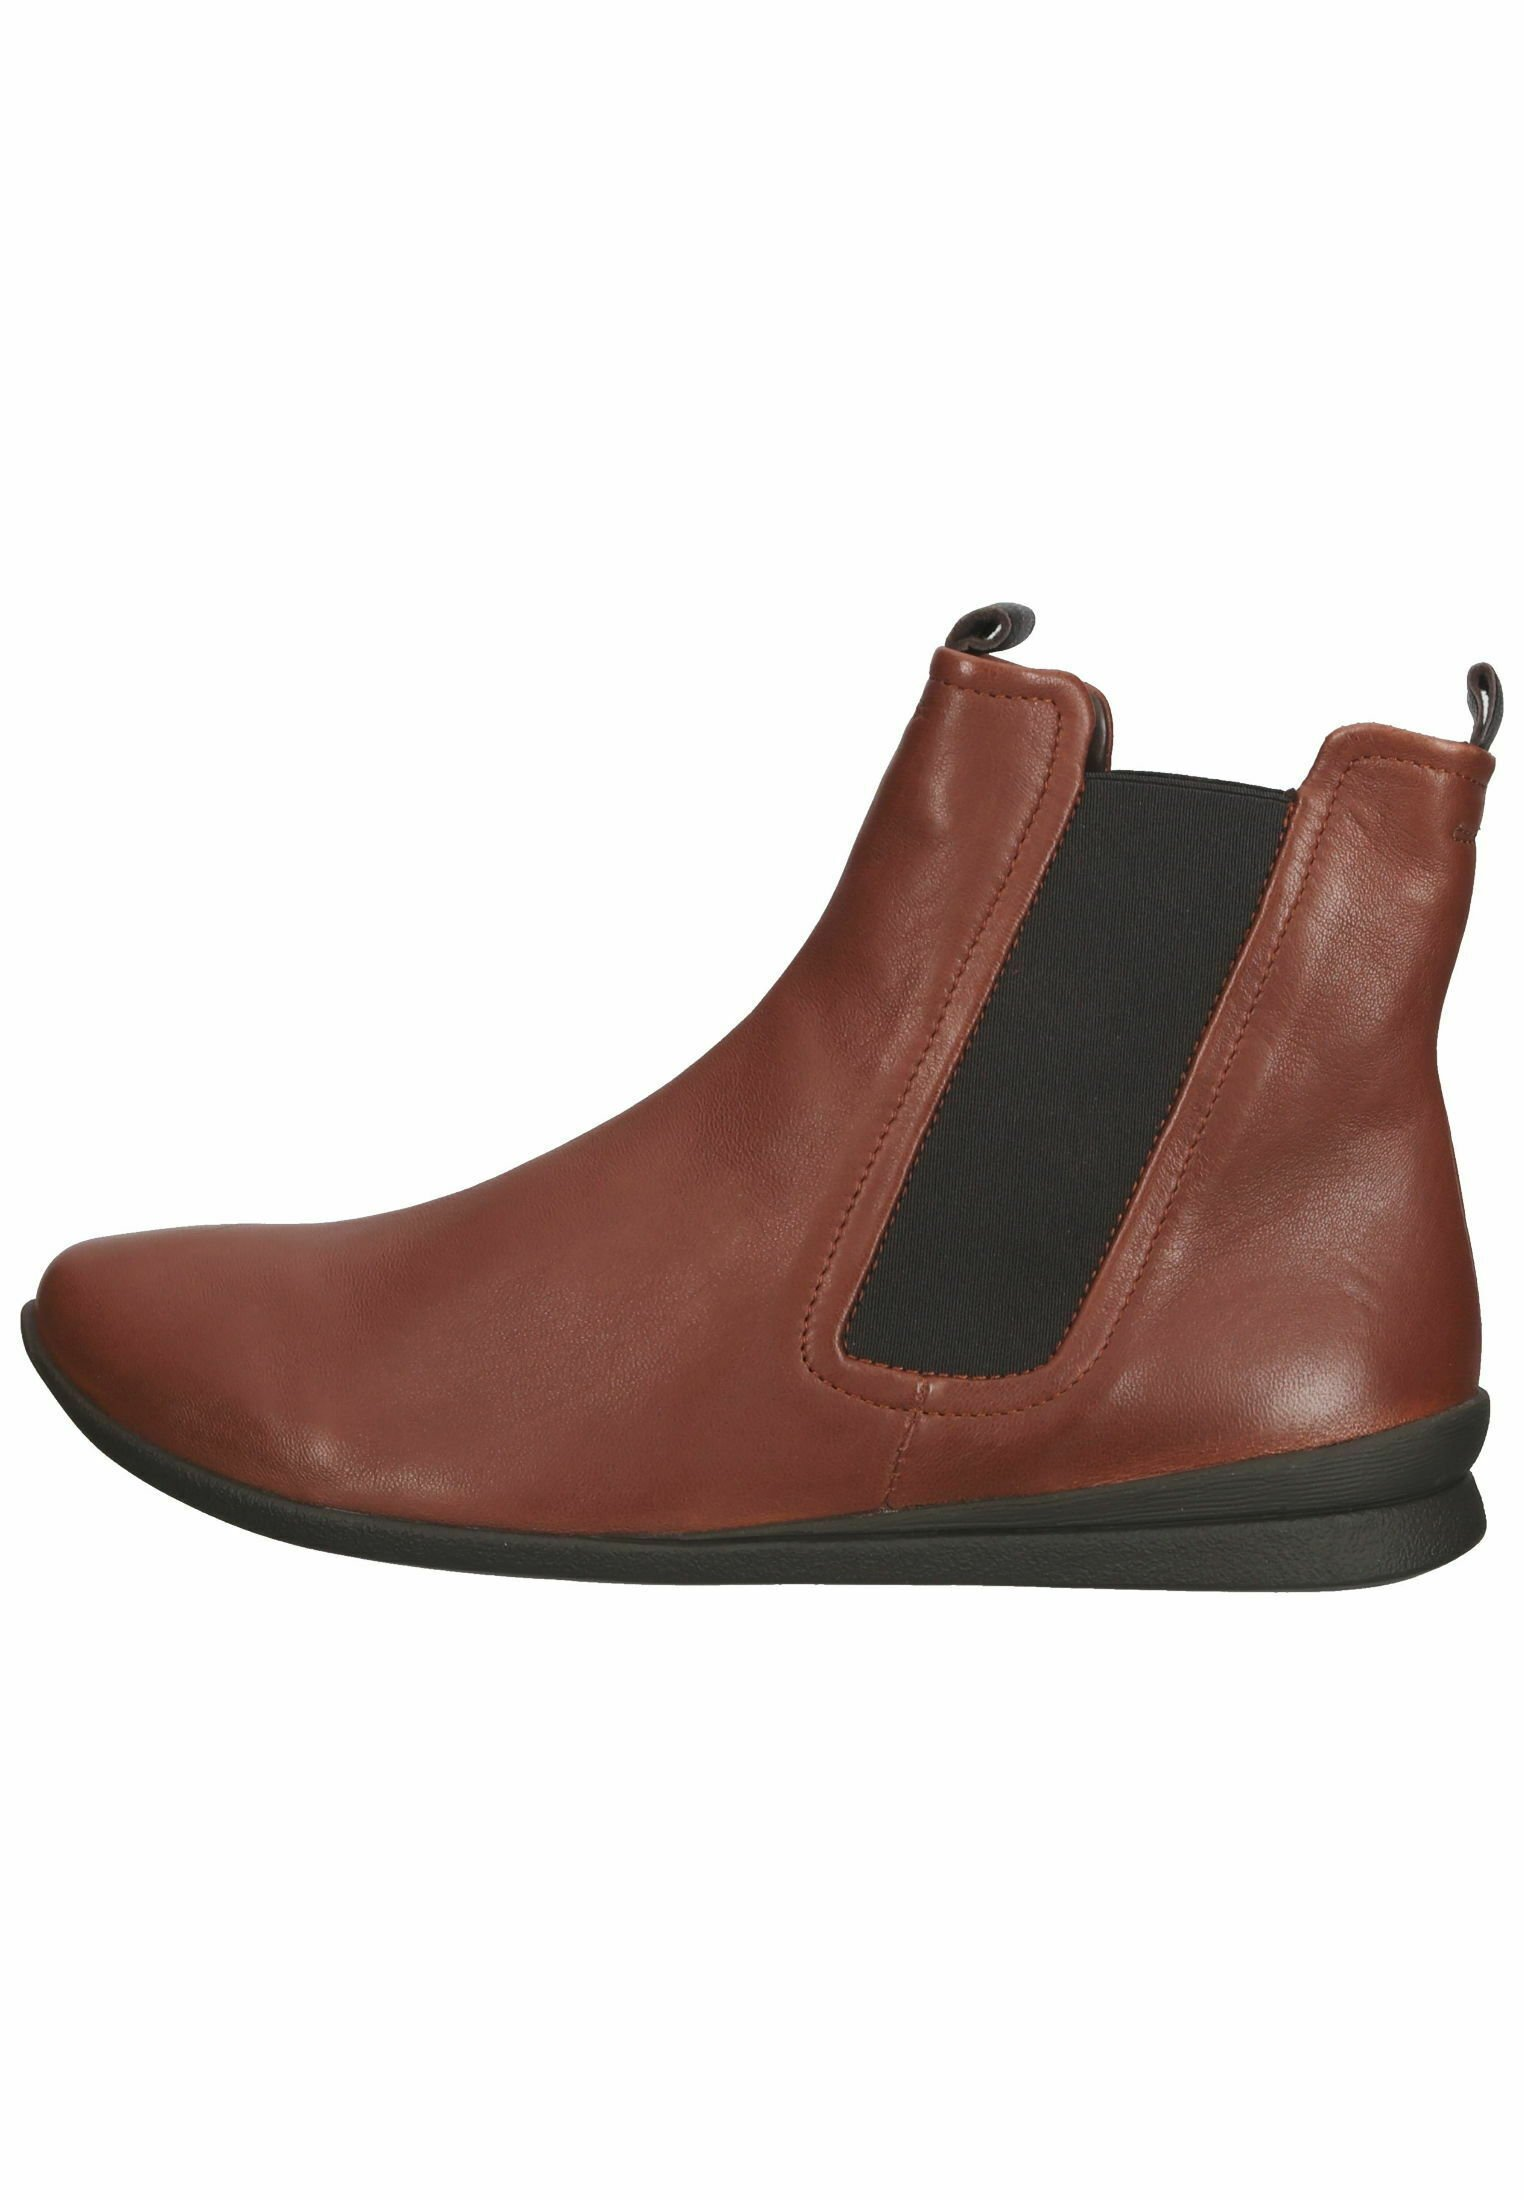 Damen Ankle Boot - kastanie/kombi